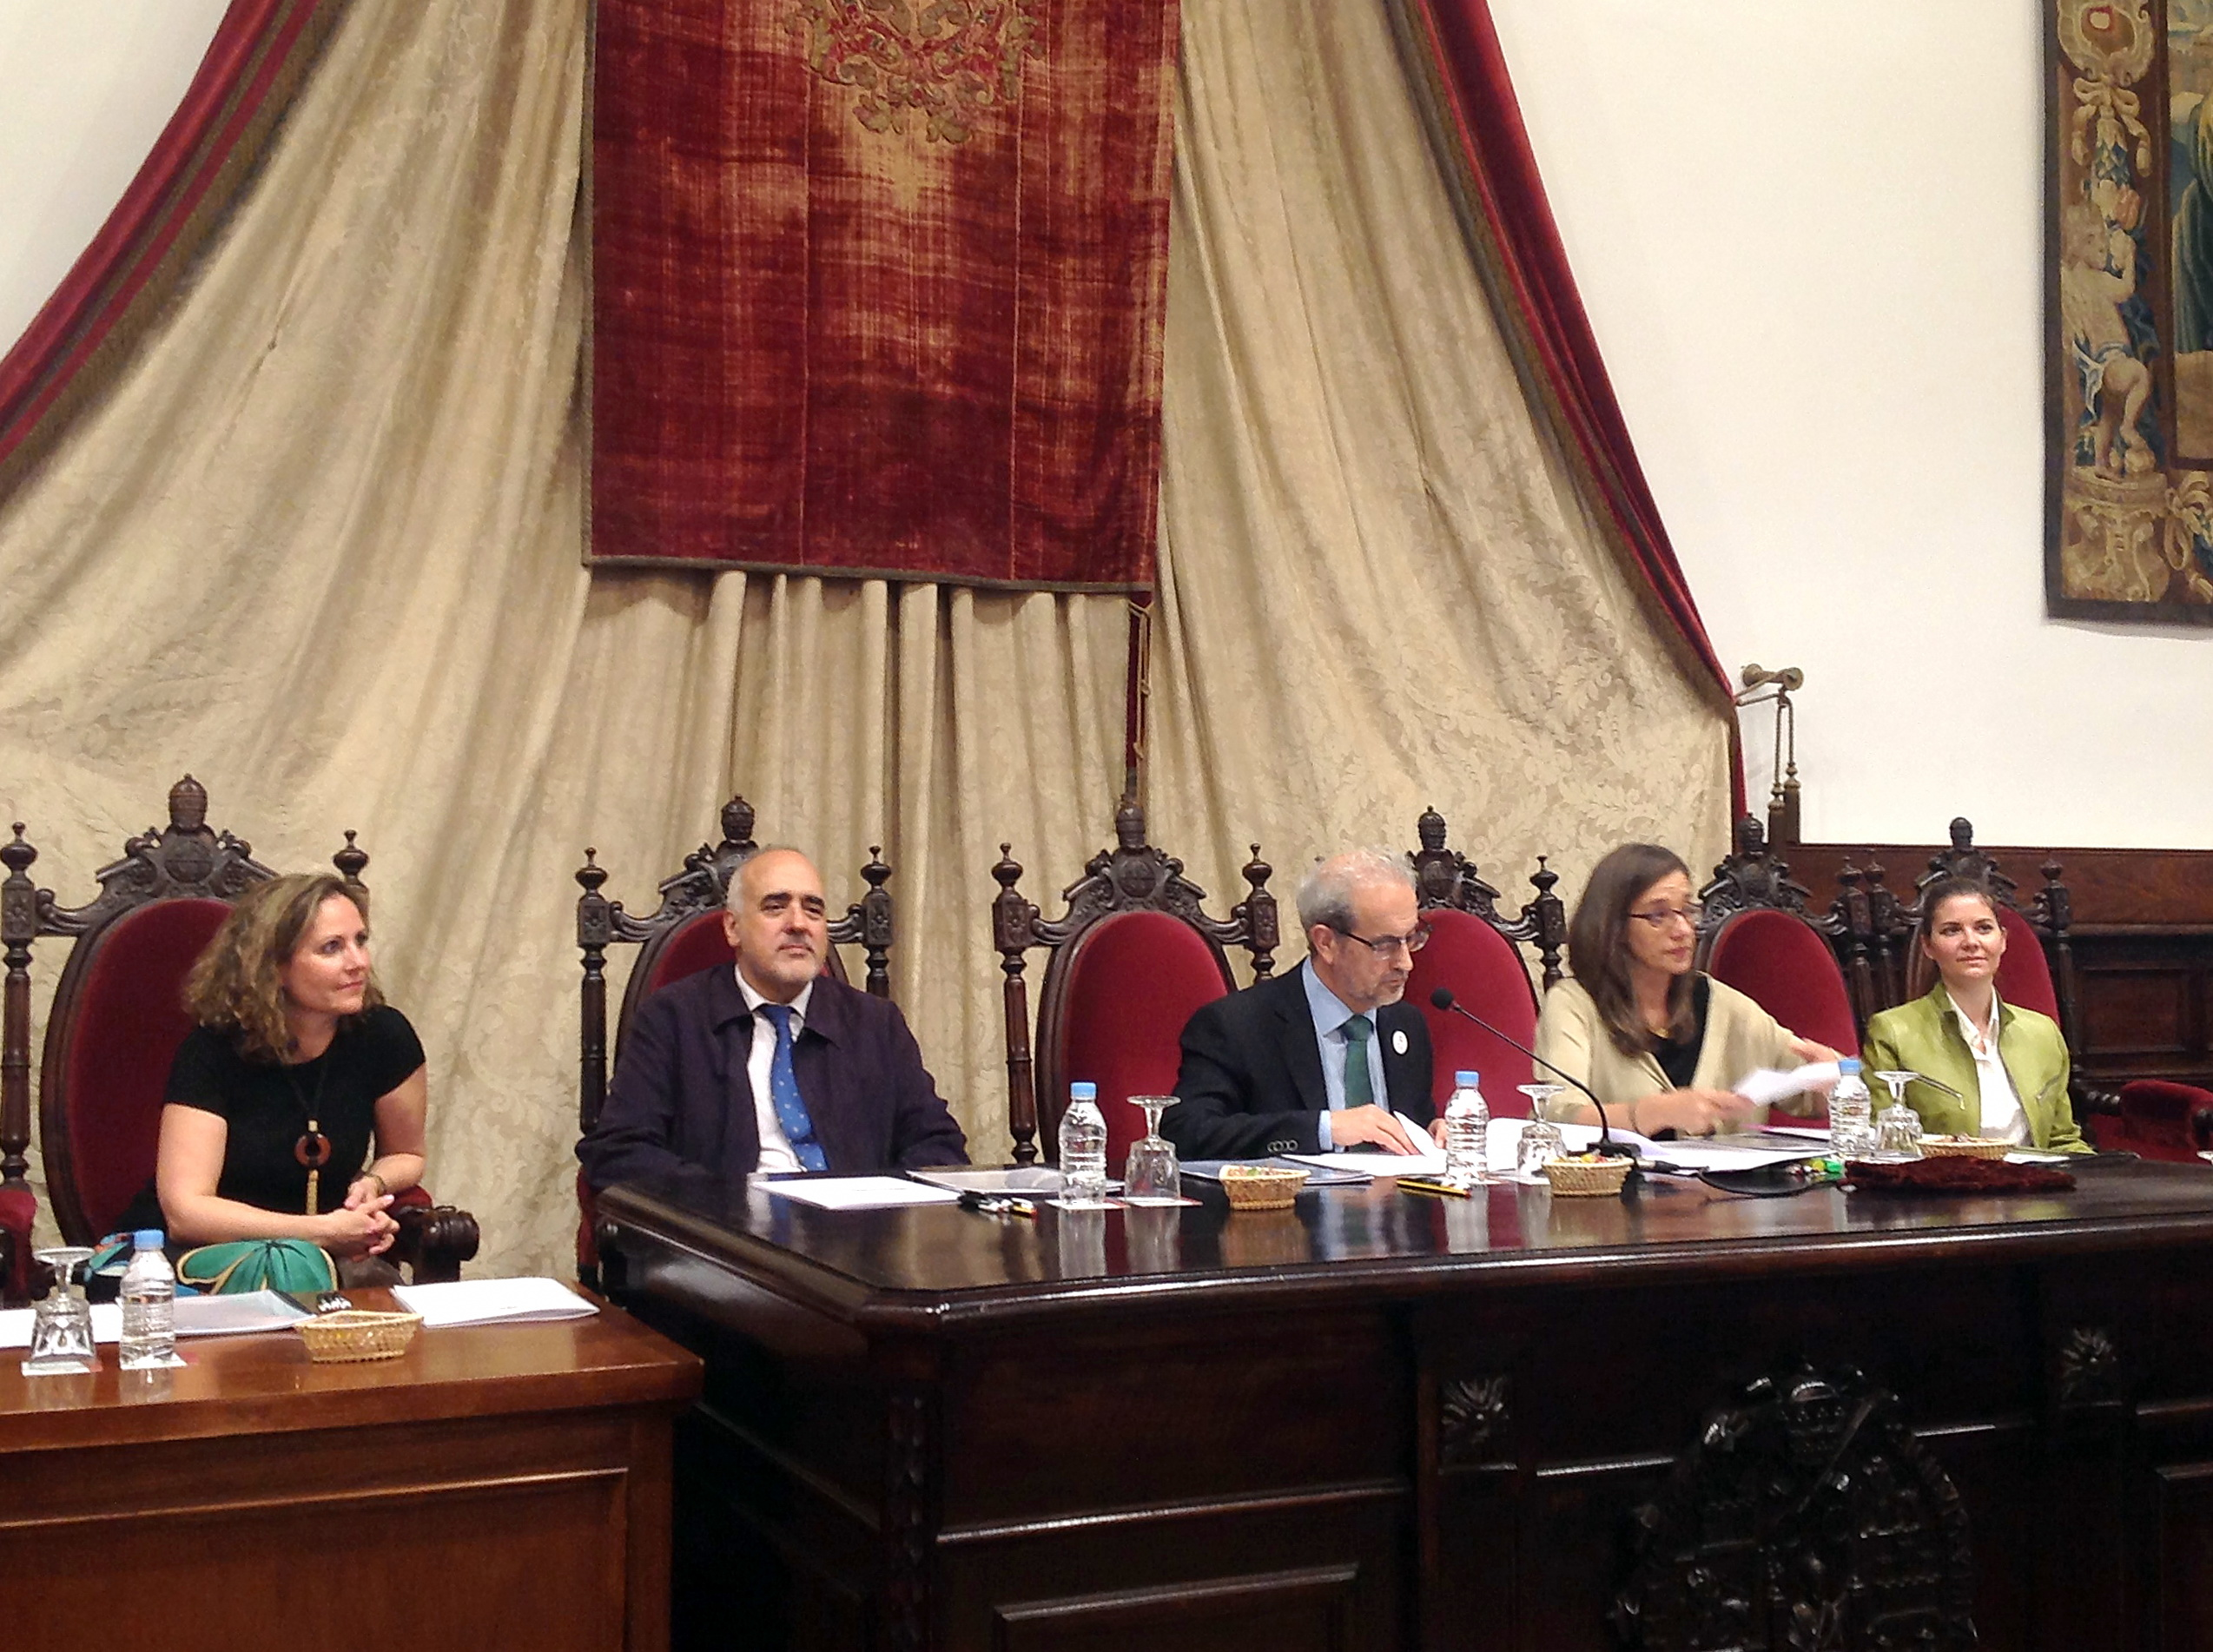 El Claustro de Doctores de la Universidad de Salamanca aprueba los doctorados honoris causa del economista Blas Calzada y del jurista Jairo Parra